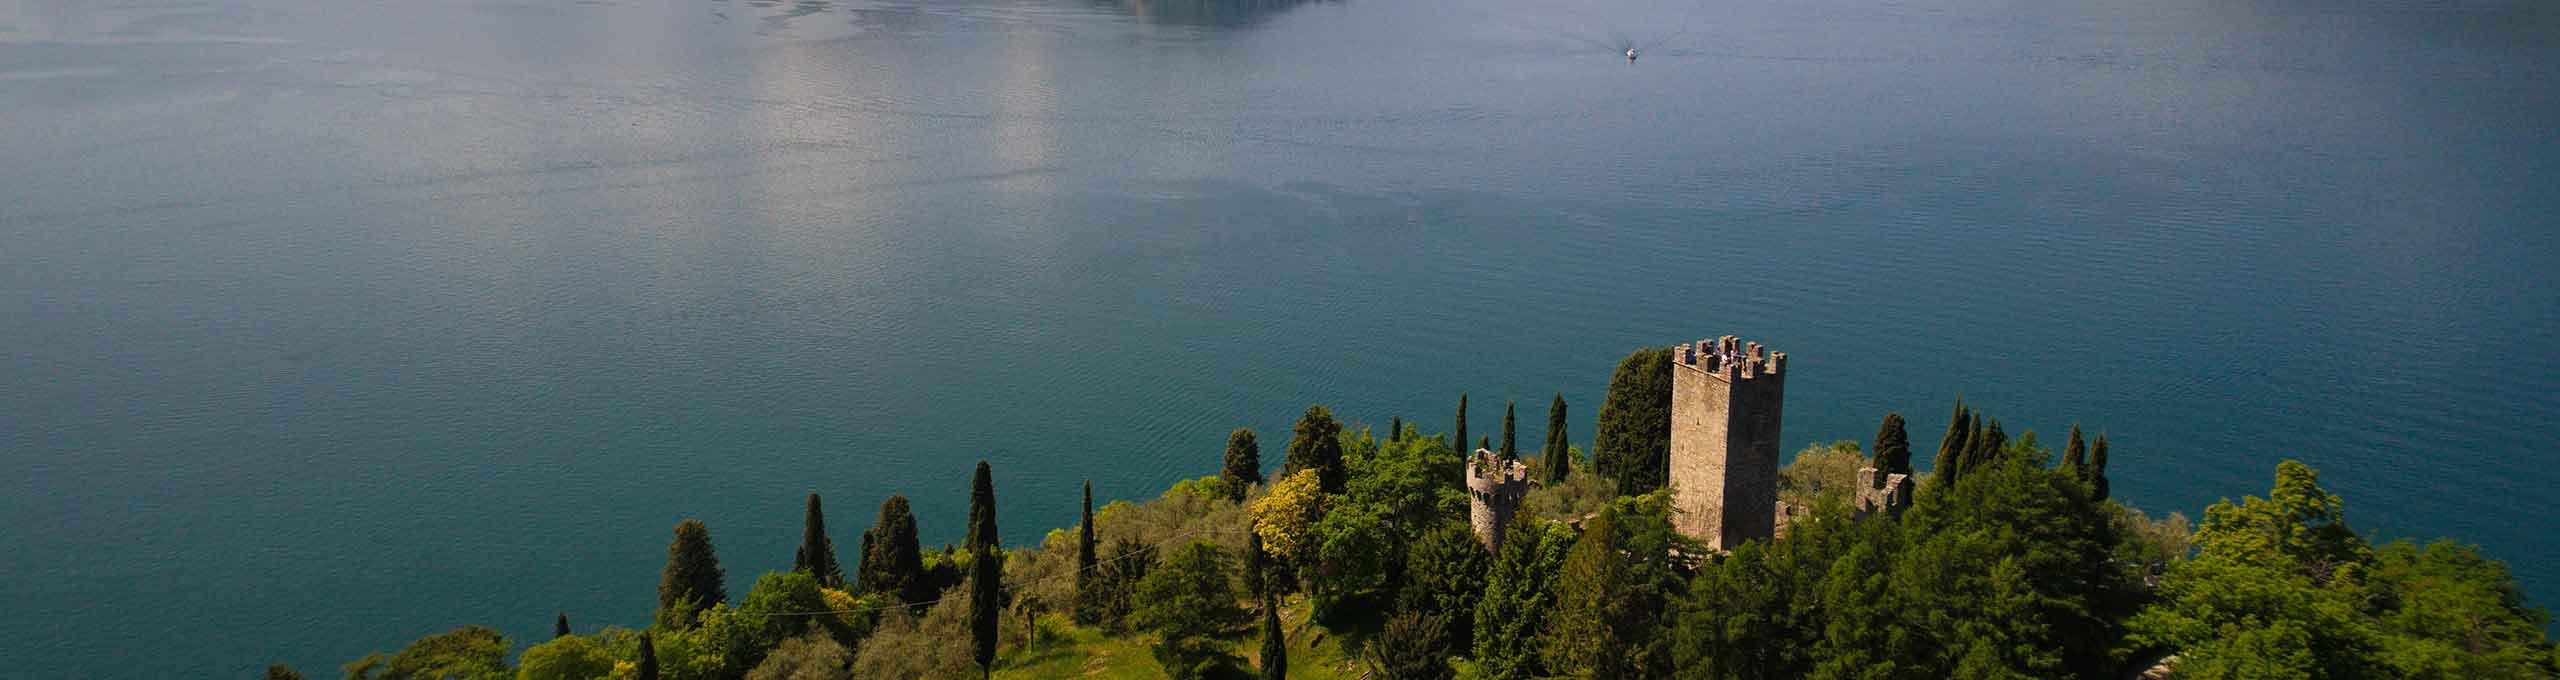 Perledo, Lago di Como, Castello di Vezio